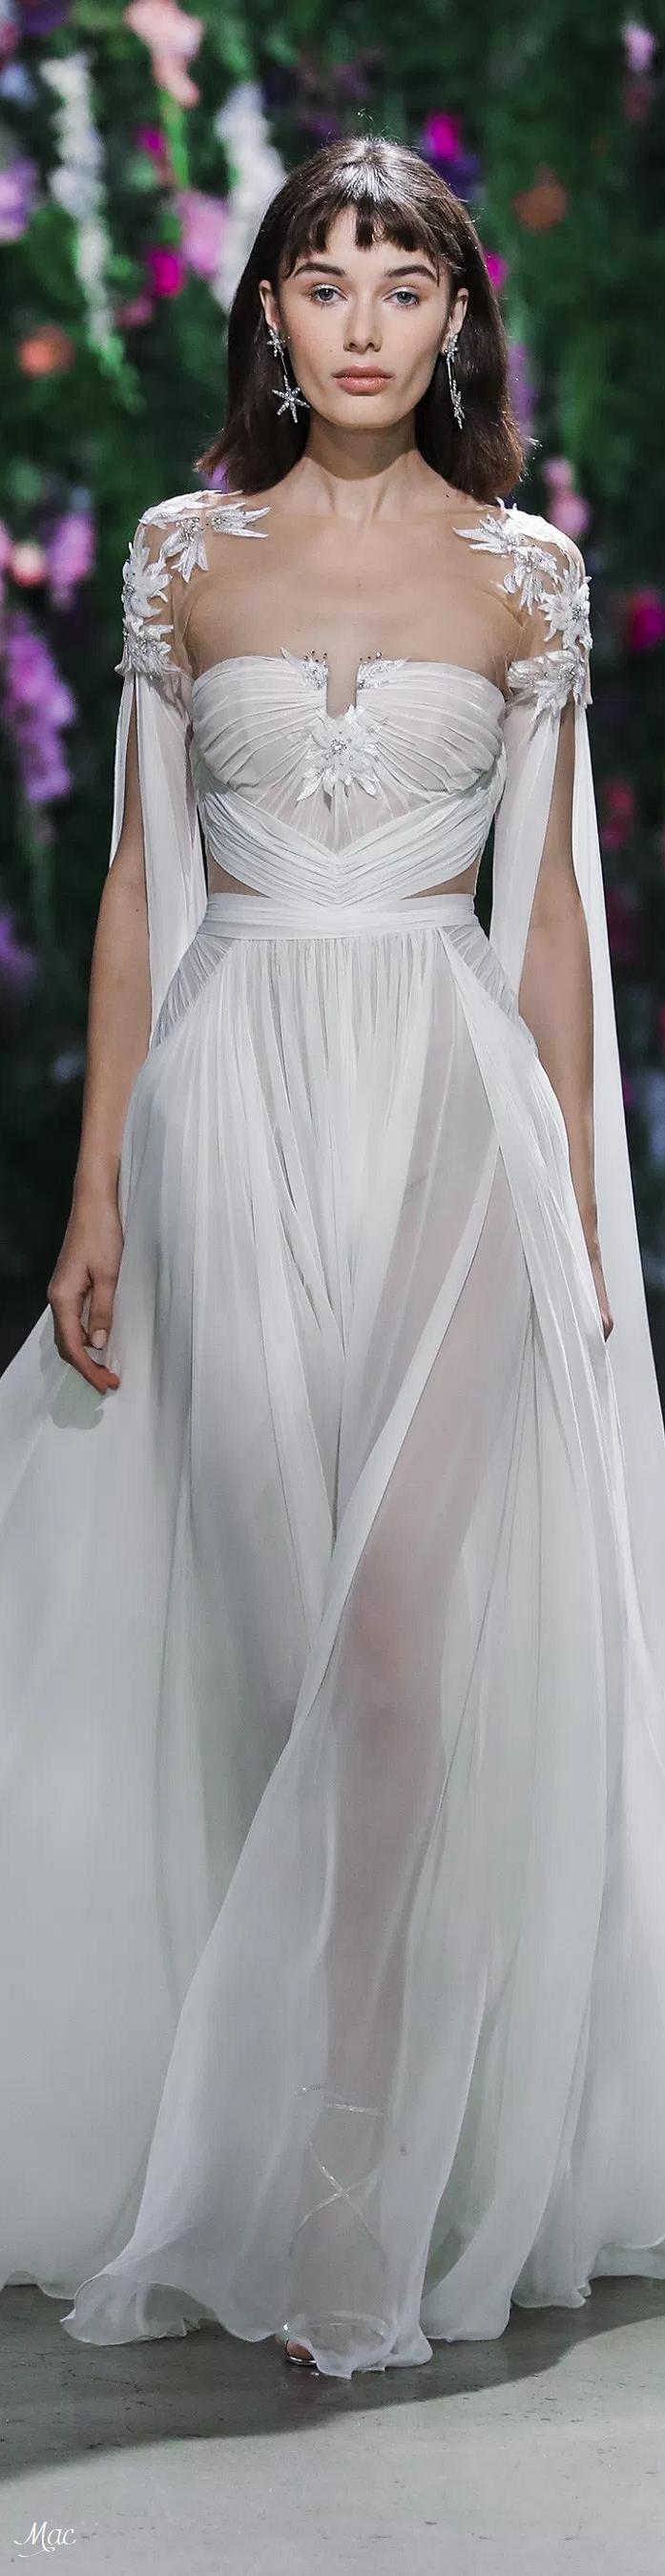 8236f36c1b7 Robe de mariée princesse des Mille et Une Nuits - Fall 2018 Bridal Galia  Lahav